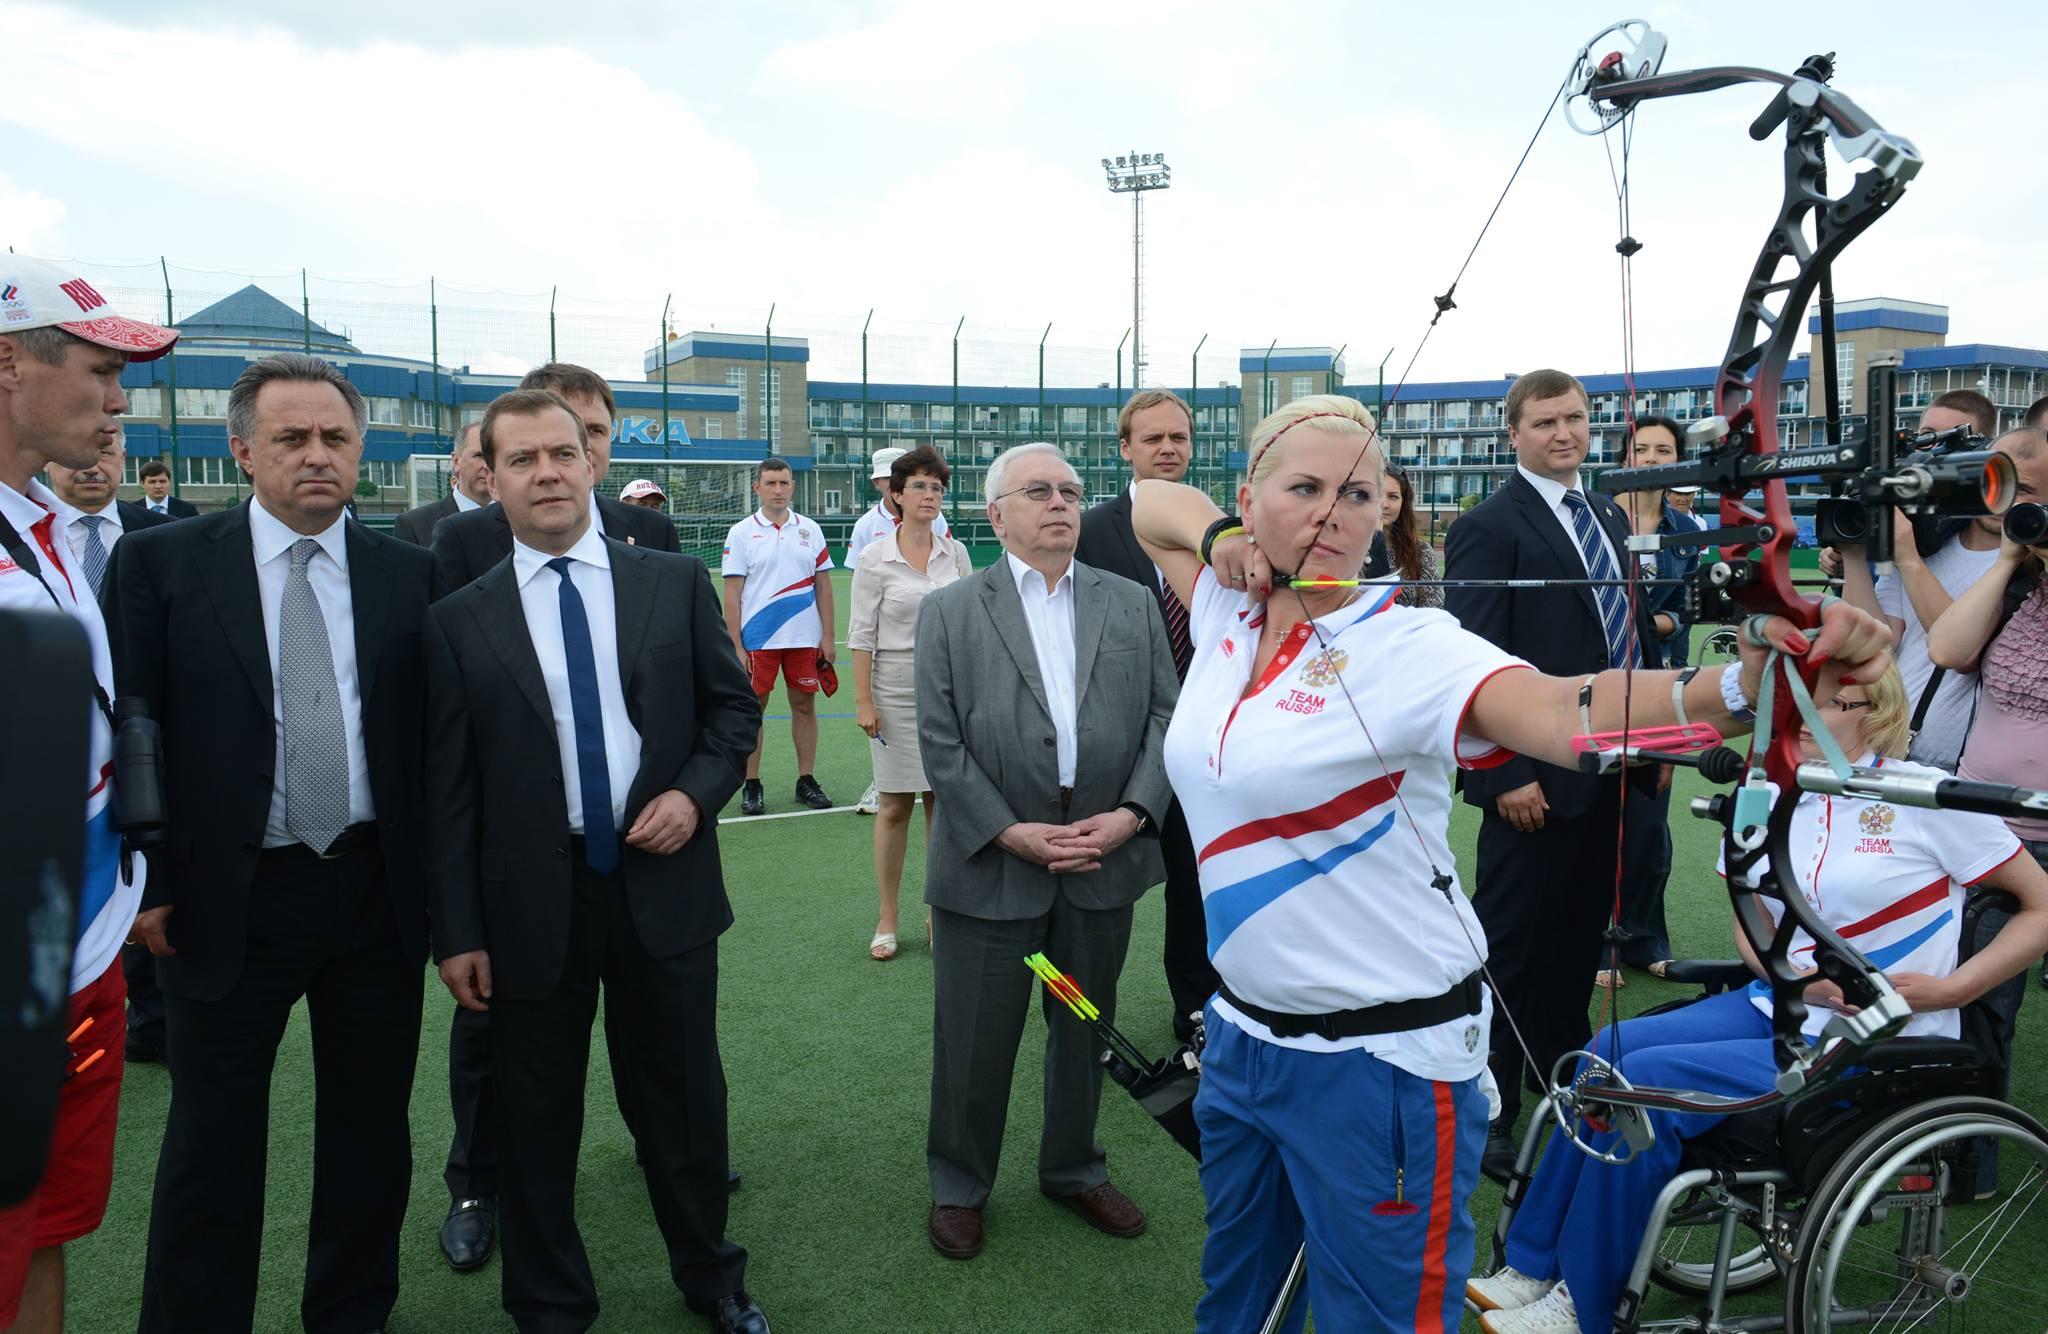 Дмитрий Медведев на тренировке лучников - паралимпийцев